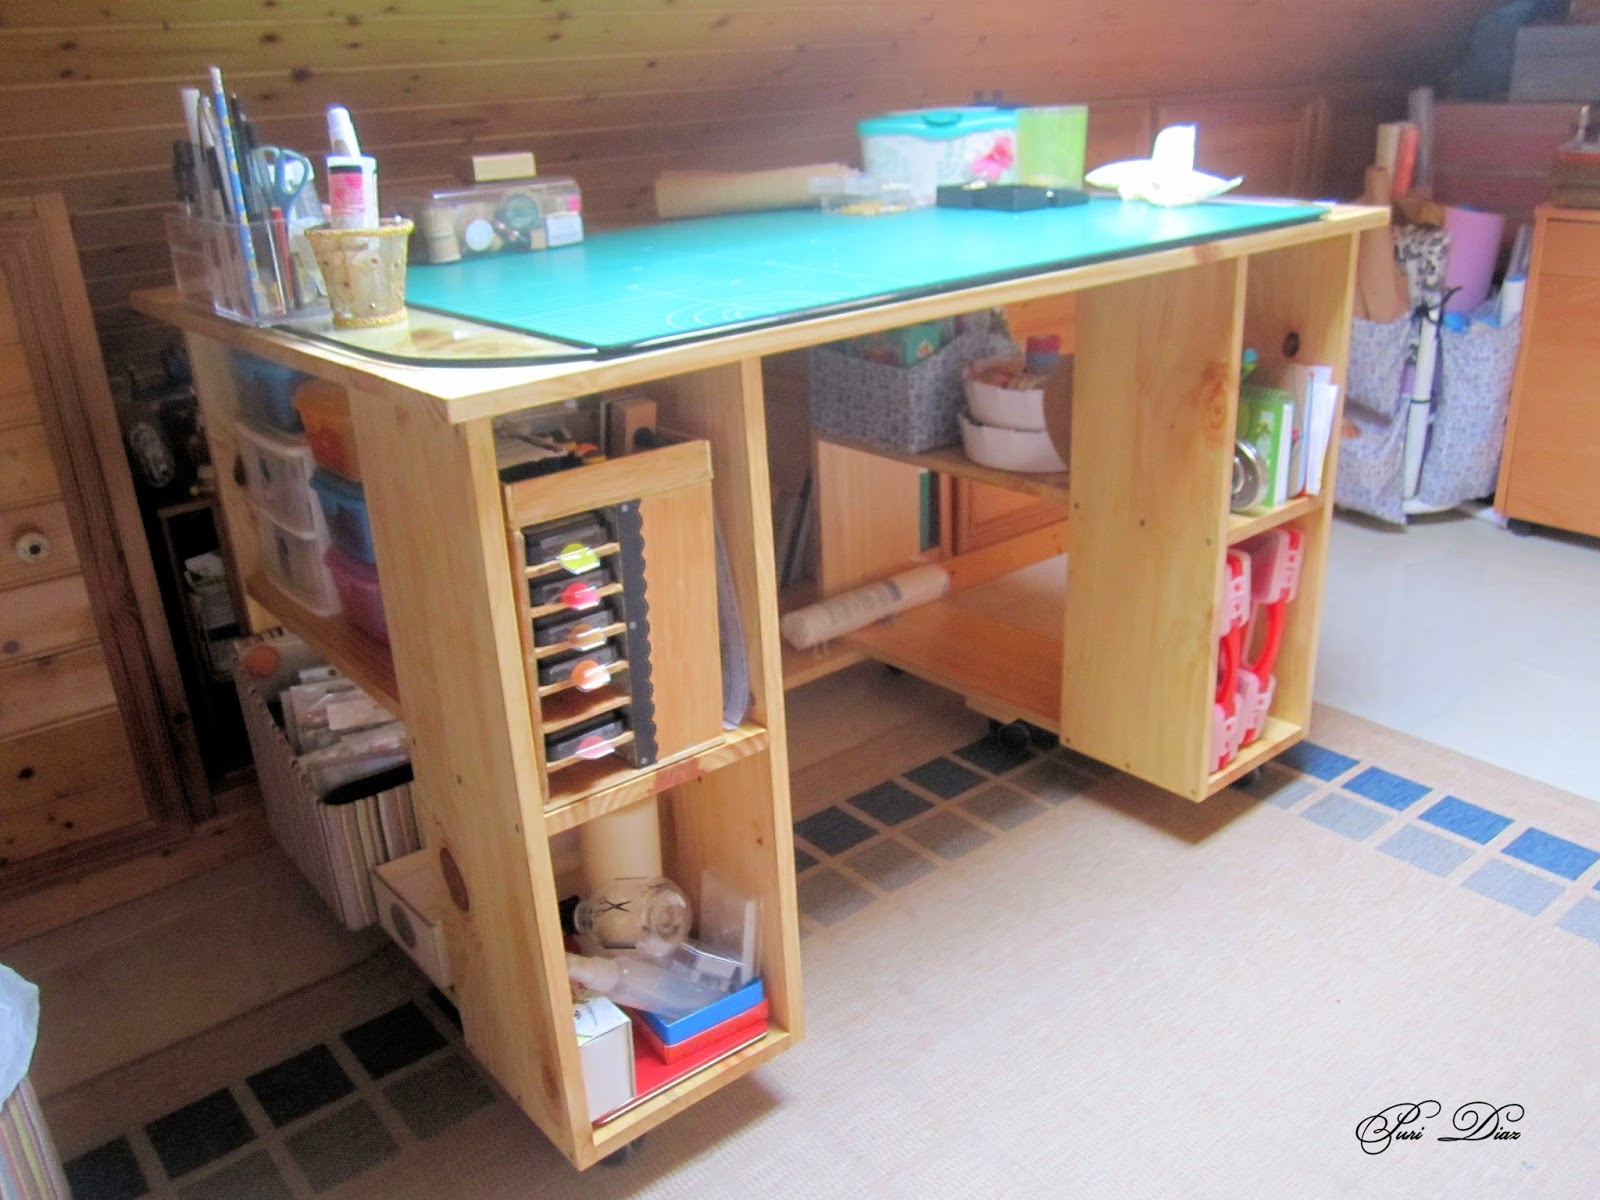 Manualidades puri diaz mesa para manualidades realizada for Mesa para manualidades